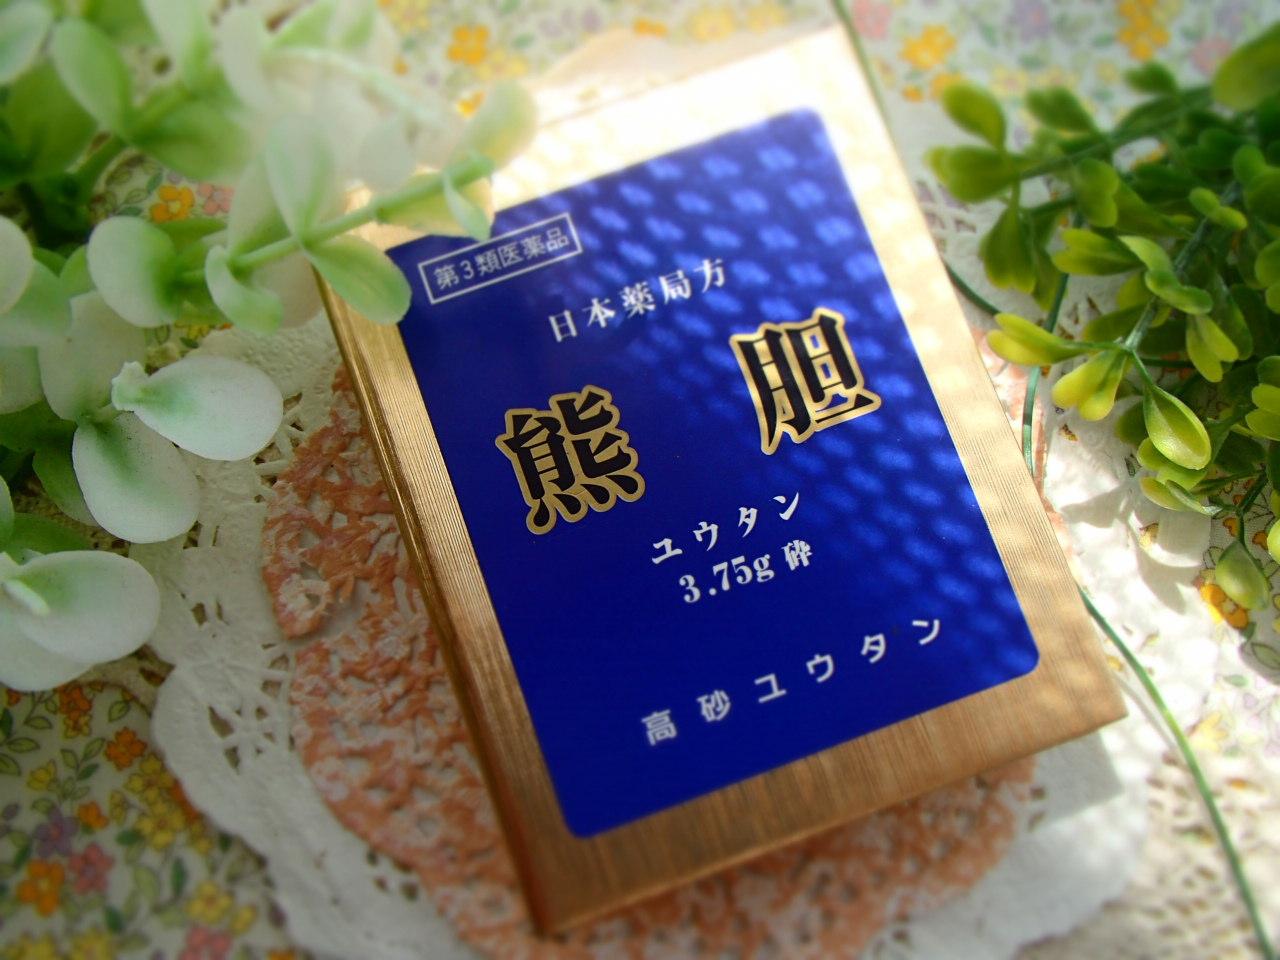 熊胆 3.75g (ロシア産)(ユウタン・ゆうたん)【高砂薬業 】